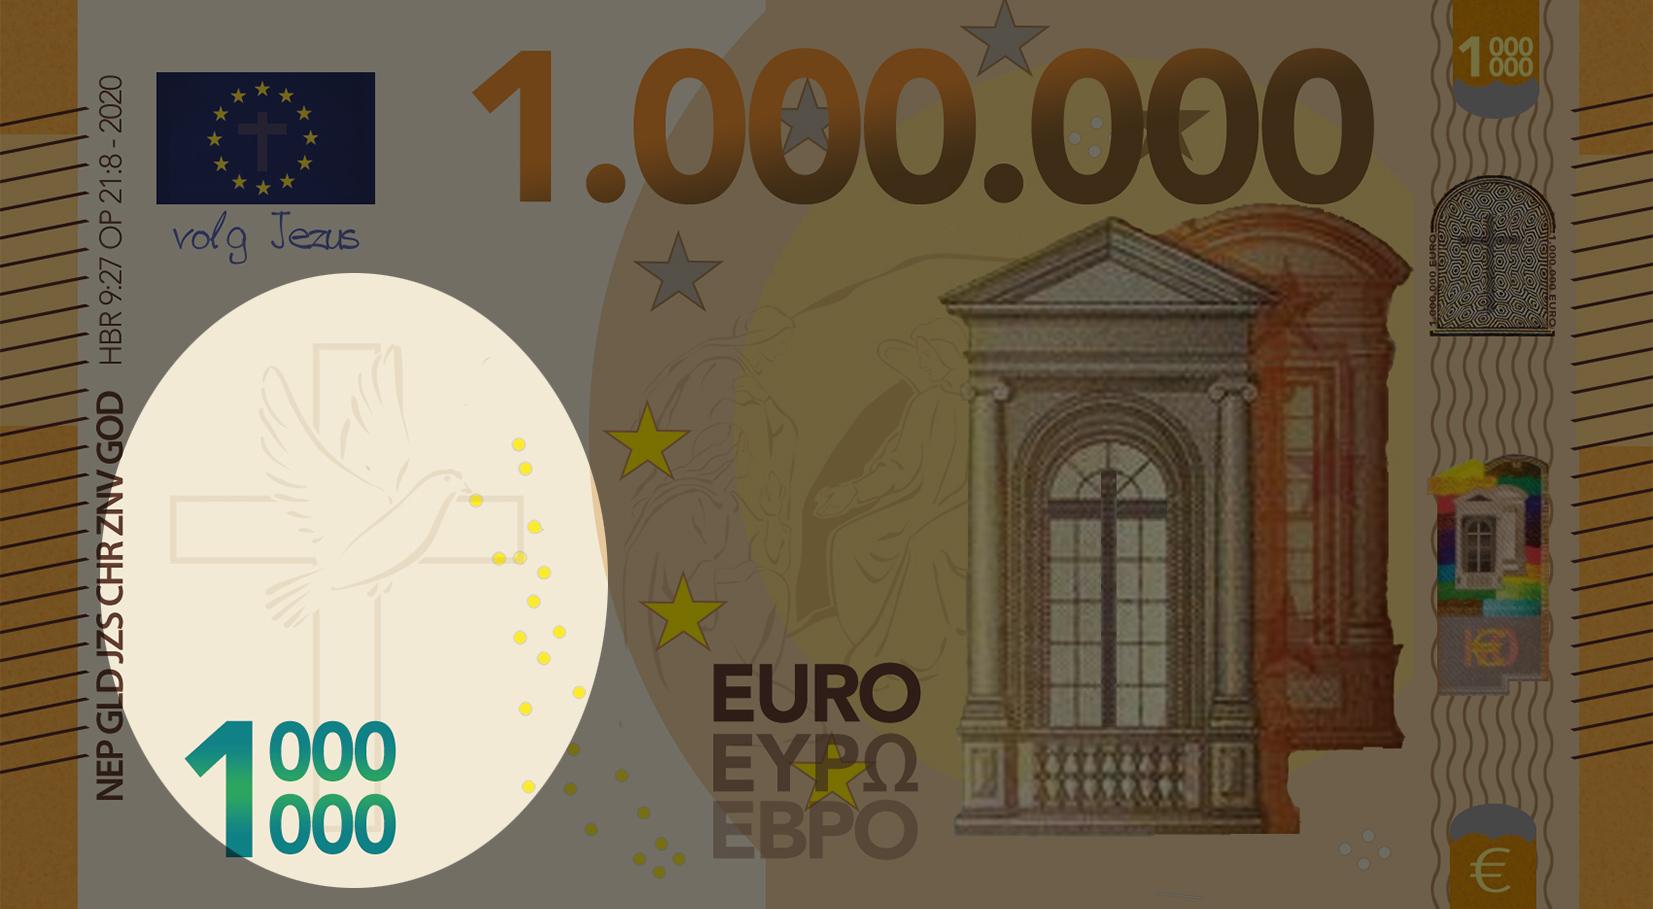 Miljoen Euro Biljet - 2020 voorkant links kruis uitgelicht - evangelisatie-materiaal.nl